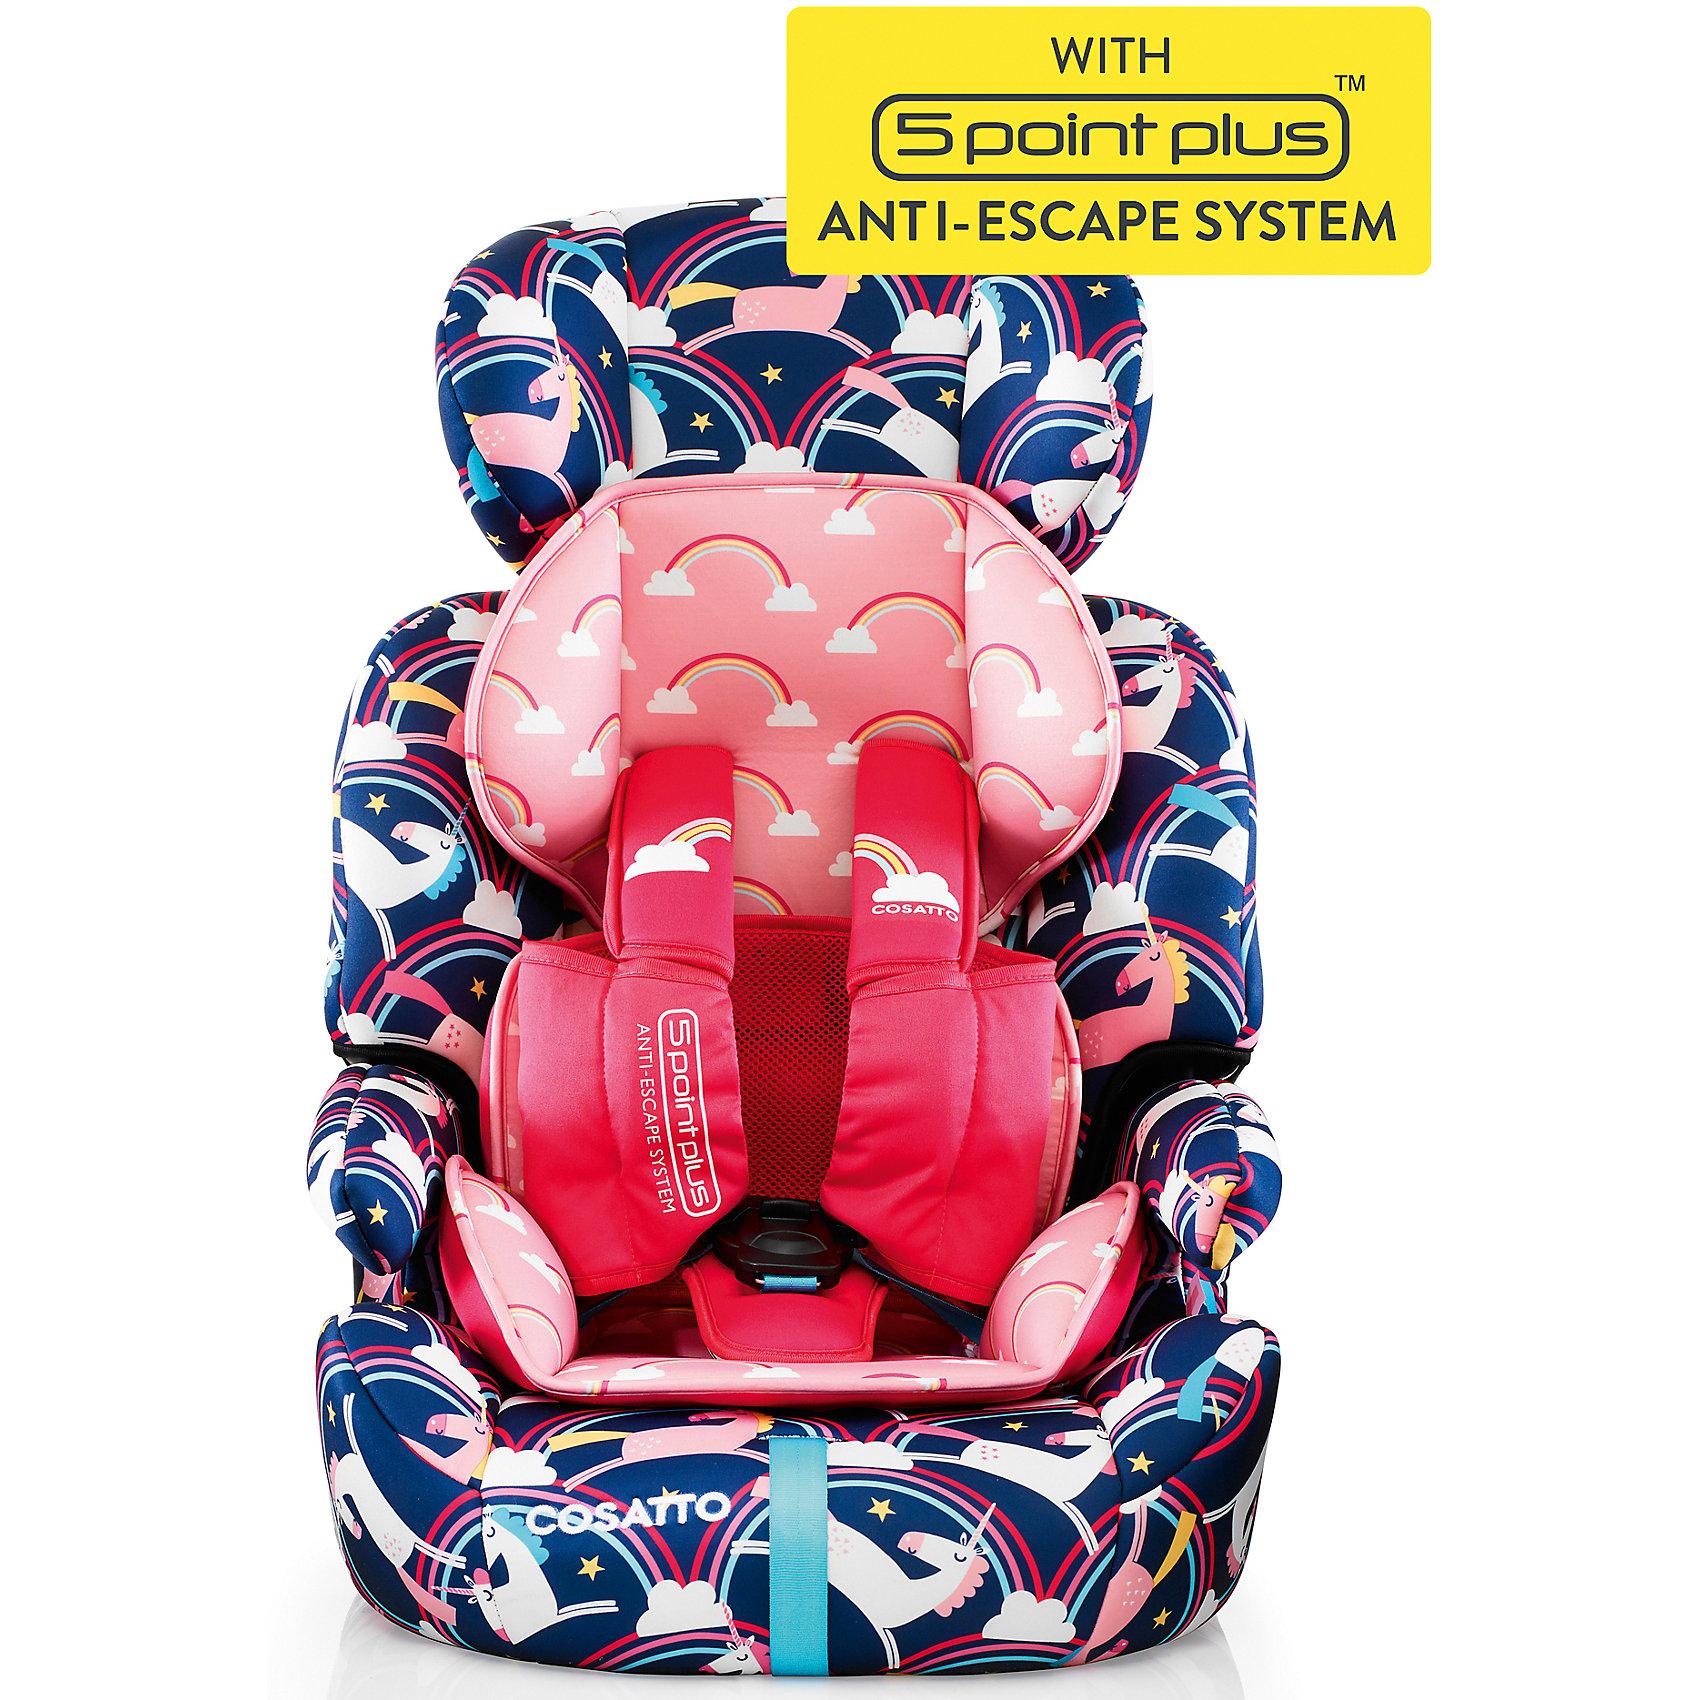 Автокресло Cosatto Zoomi, 9-36 кг, Magic UnicornsГруппа 1-2-3 (От 9 до 36 кг)<br>Характеристики автокресла Zoomi Cosatto:<br><br>• группа 1-2-3;<br>• вес ребенка: 9-36 кг;<br>• возраст ребенка: от 9 месяцев до 12 лет;<br>• способ крепления: с помощью штатных ремней безопасности;<br>• способ установки: лицом по ходу движения автомобиля;<br>• возможность получить бустер с подлокотниками: спинка съемная;<br>• жесткий каркас сиденья обтянут мягкими чехлами;<br>• 5-ти точечные ремни безопасности с мягкими накладками;<br>• регулируемая высота подголовника: 3 положения;<br>• имеется анатомический двусторонний матрасик для маленького ребенка;<br>• съемные чехлы можно стирать при температуре 30 градусов;<br>• материал: пластик, полиэстер.<br><br>Размер автокресла: 70х46х44 см<br>Вес автокресла: 5,3 кг<br>Размер упаковки: 72х45х31 см<br>Вес в упаковке: 7,5 кг<br><br>Автокресло Cosatto Zoomi, 9-36 кг, Magic Unicorns можно купить в нашем интернет-магазине.<br><br>Ширина мм: 720<br>Глубина мм: 450<br>Высота мм: 310<br>Вес г: 8000<br>Возраст от месяцев: 9<br>Возраст до месяцев: 144<br>Пол: Унисекс<br>Возраст: Детский<br>SKU: 5444516